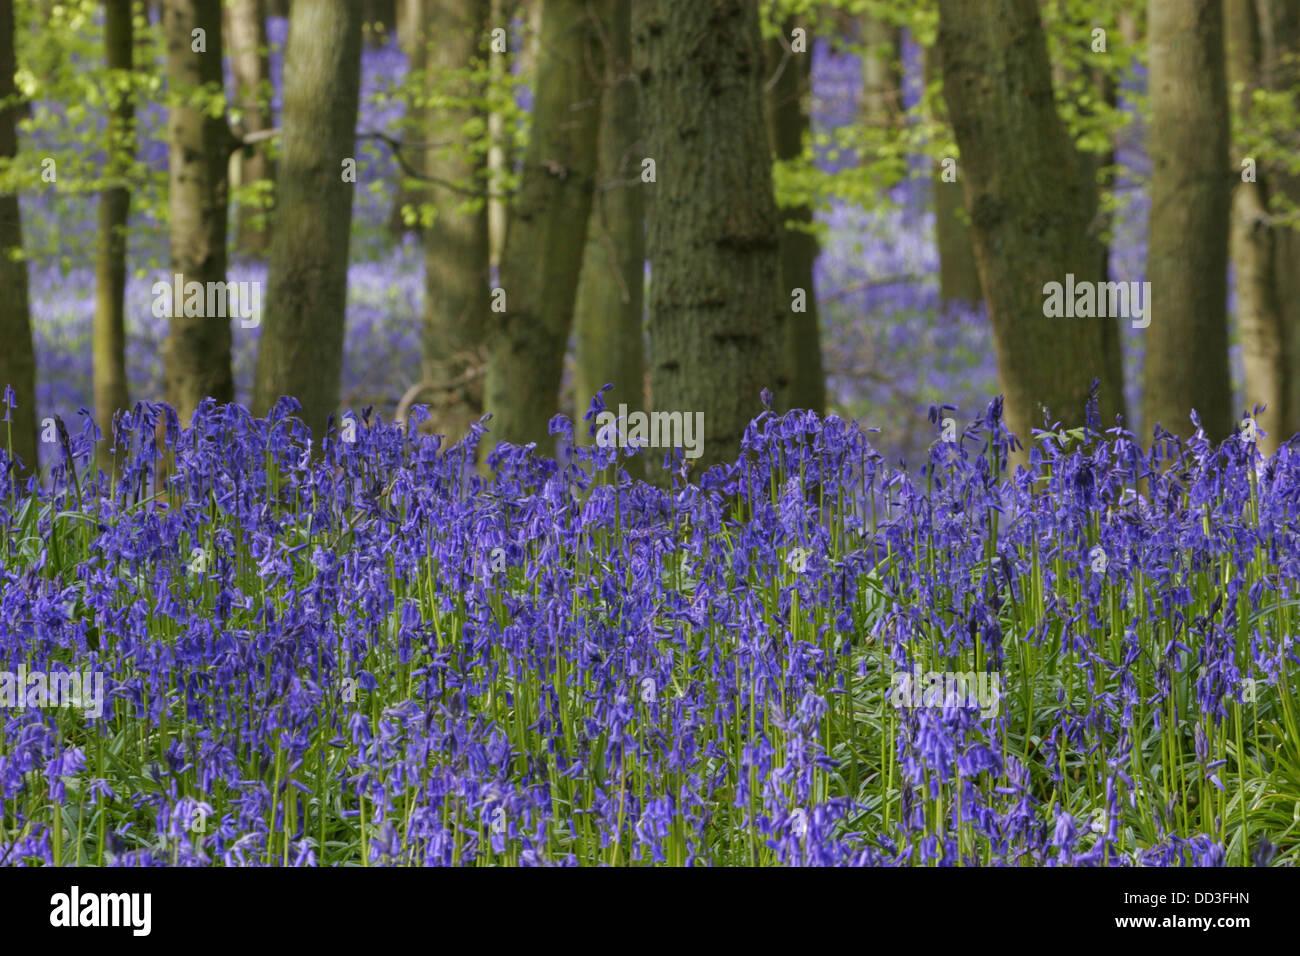 Bluebells, Endymion non-scripta, in Beech woodland in Spring. Taken May. Ashridge, Hertfordshire, UK. - Stock Image